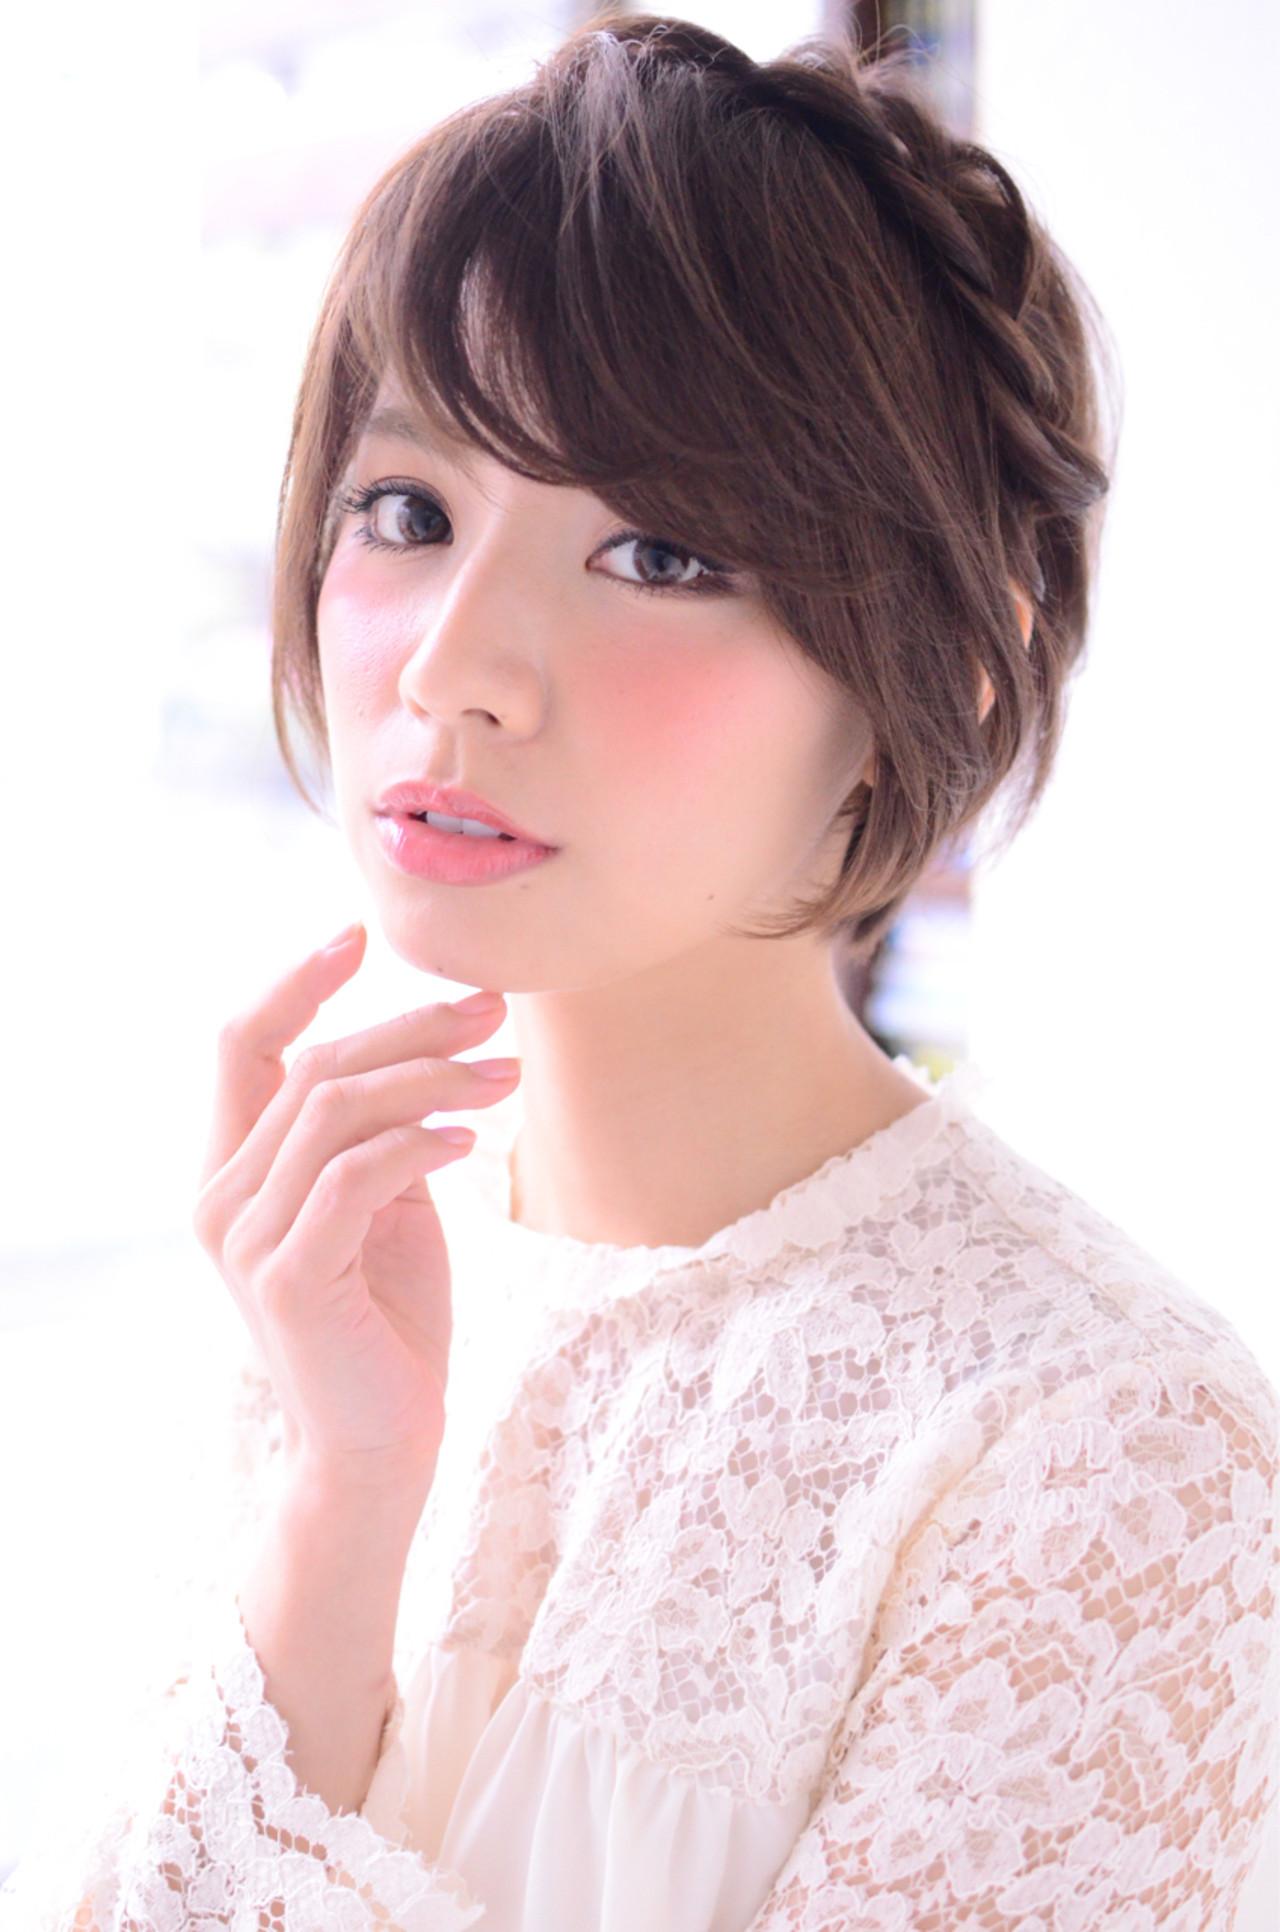 特別な日のスタイリング。意外と簡単にできるショートヘアアレンジ♡ Kasumi Nishimoto